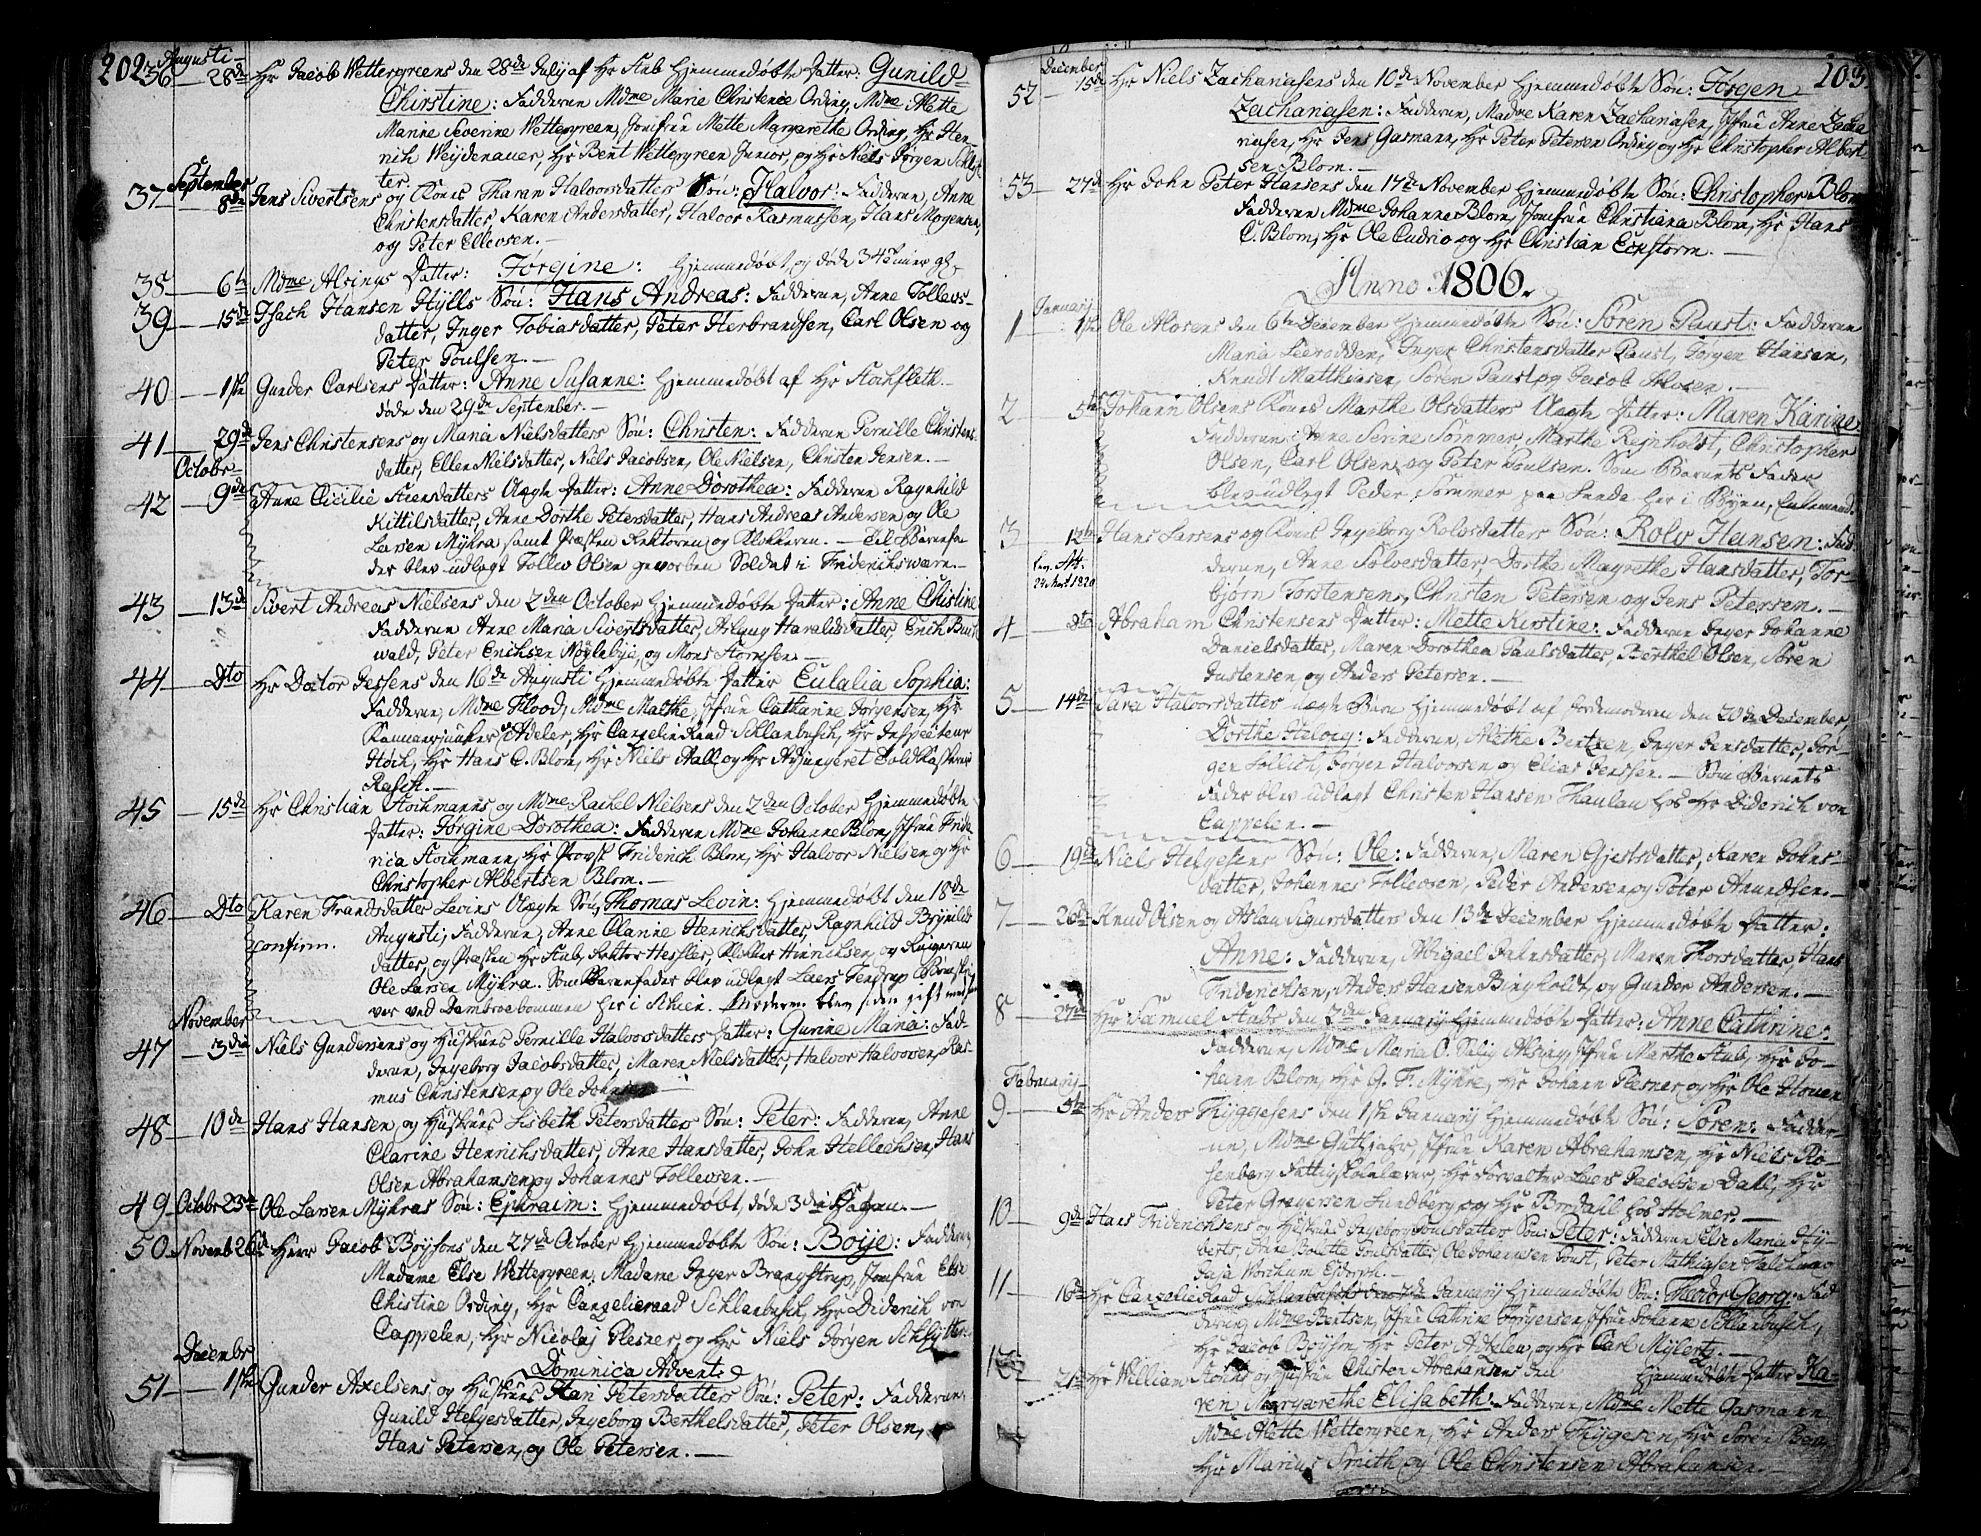 SAKO, Skien kirkebøker, F/Fa/L0004: Ministerialbok nr. 4, 1792-1814, s. 202-203